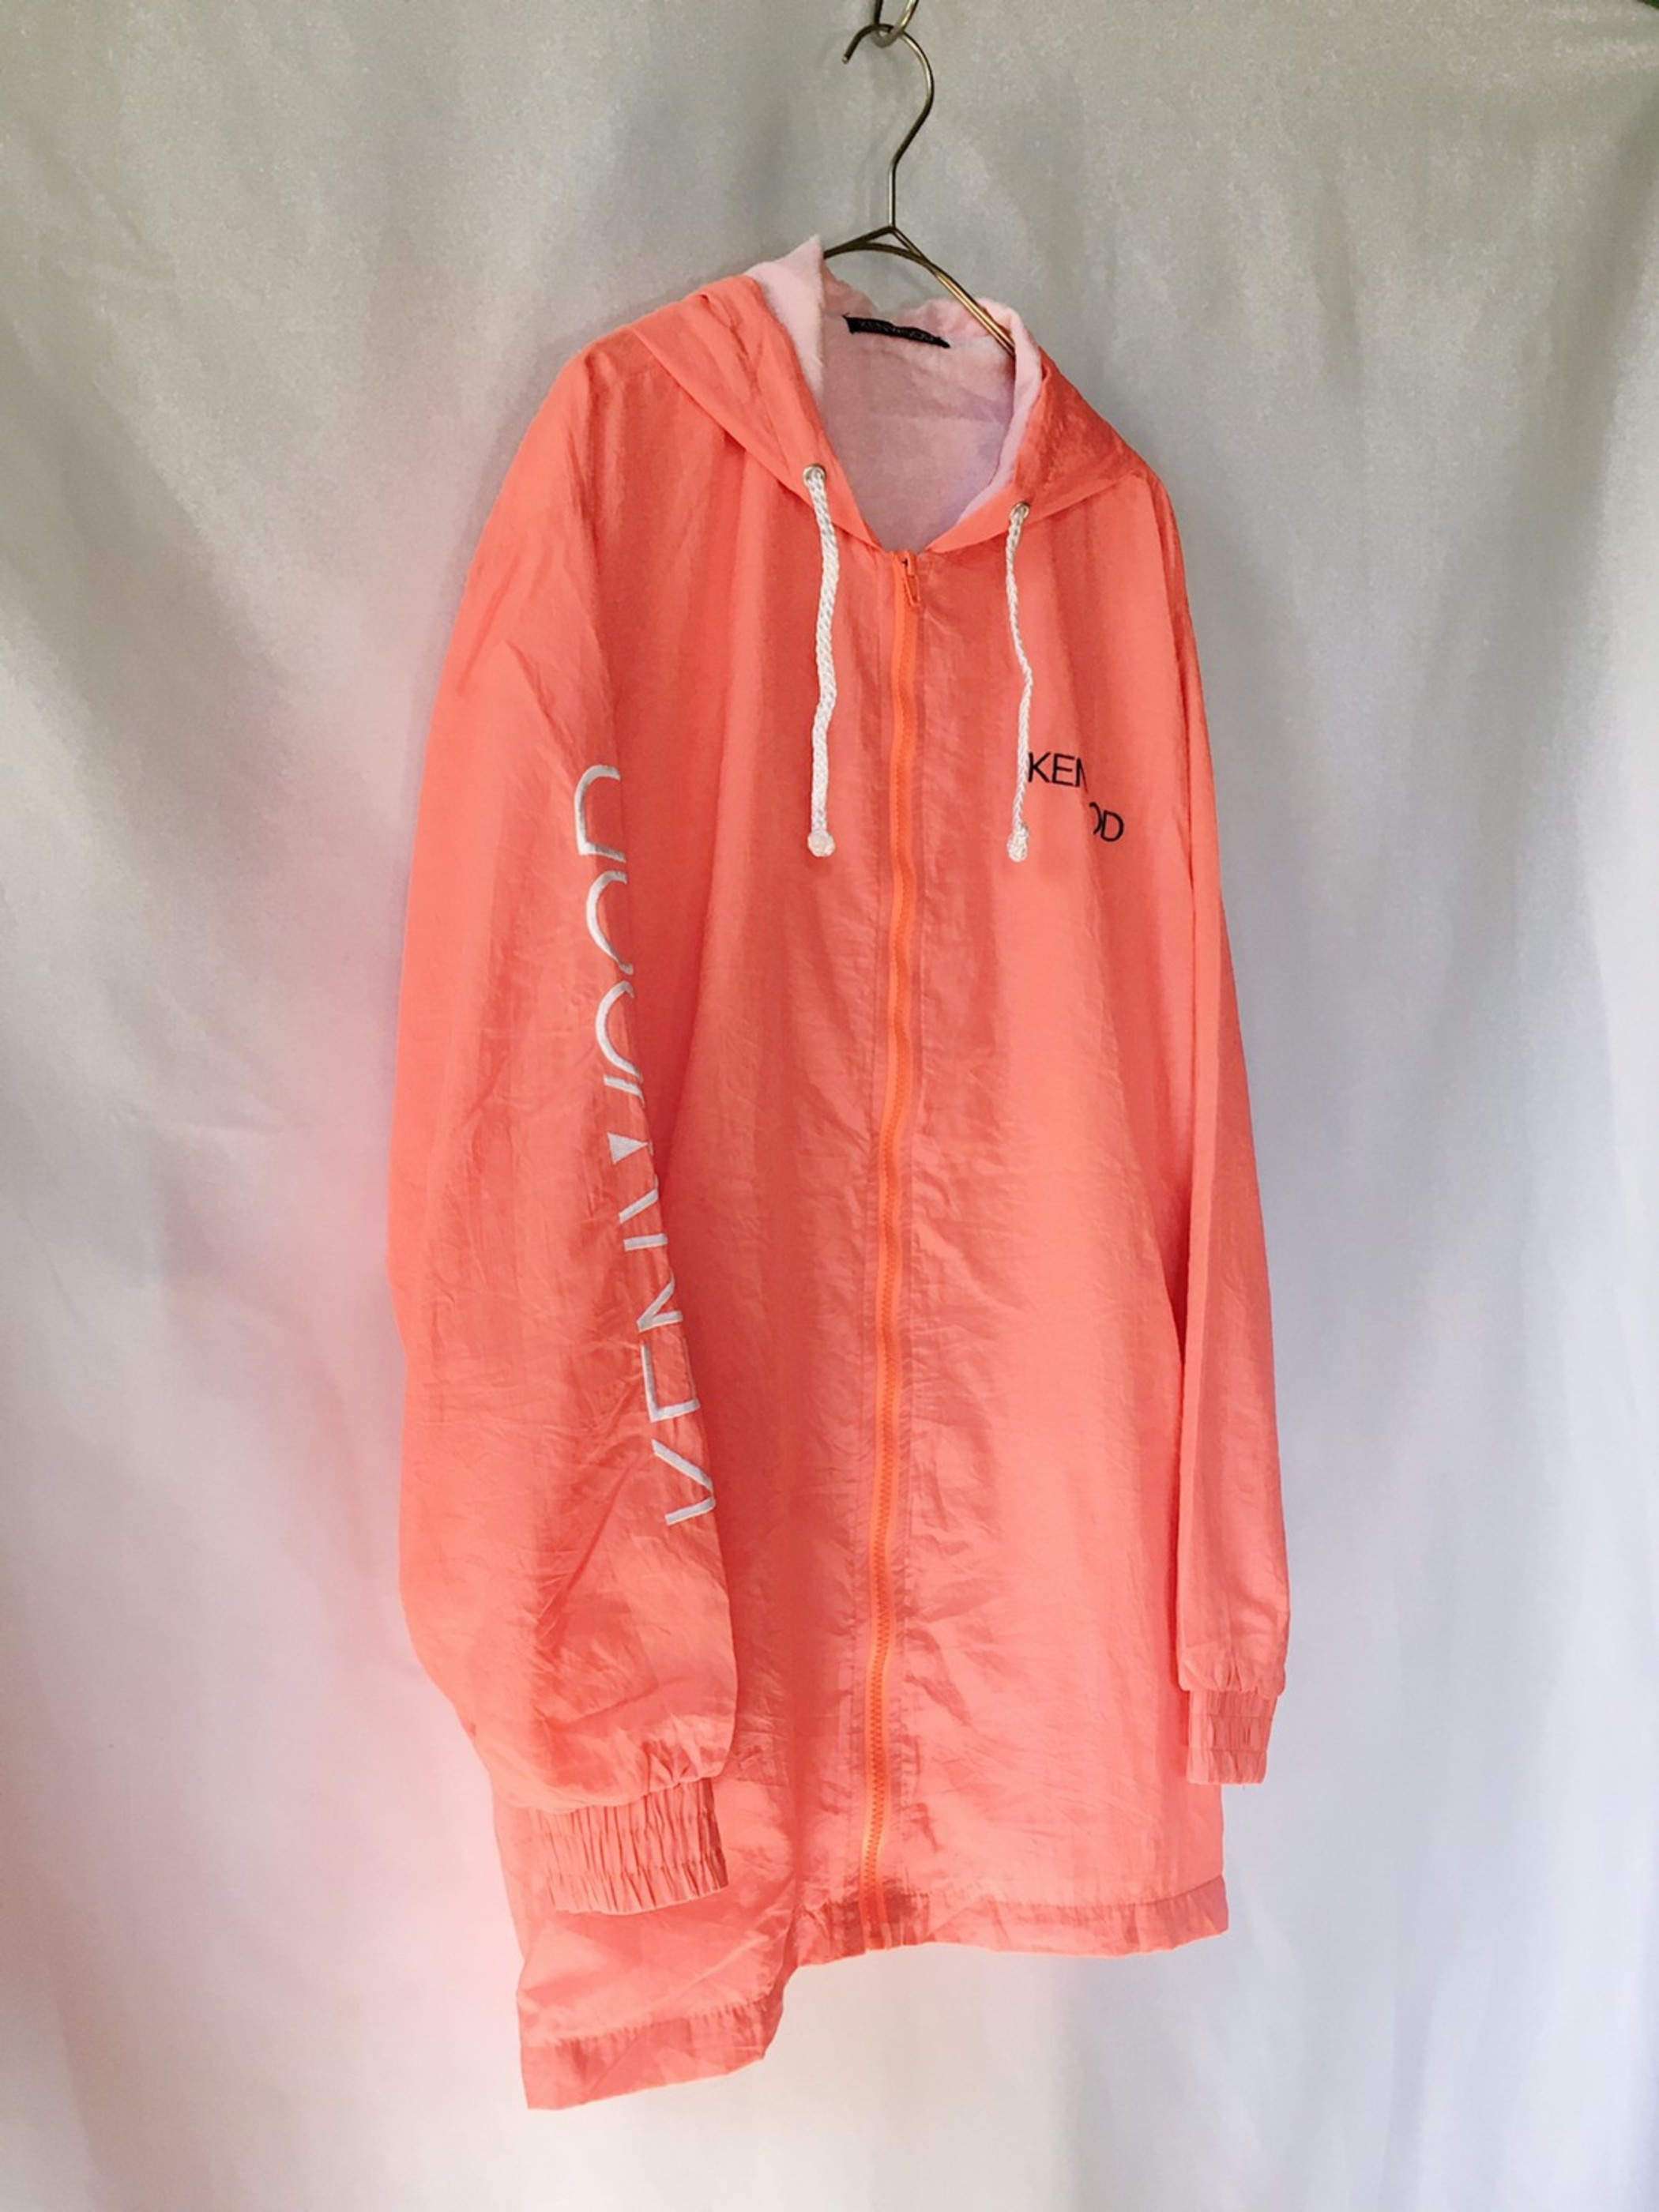 KENWOOD nylon hooded jacket 90s